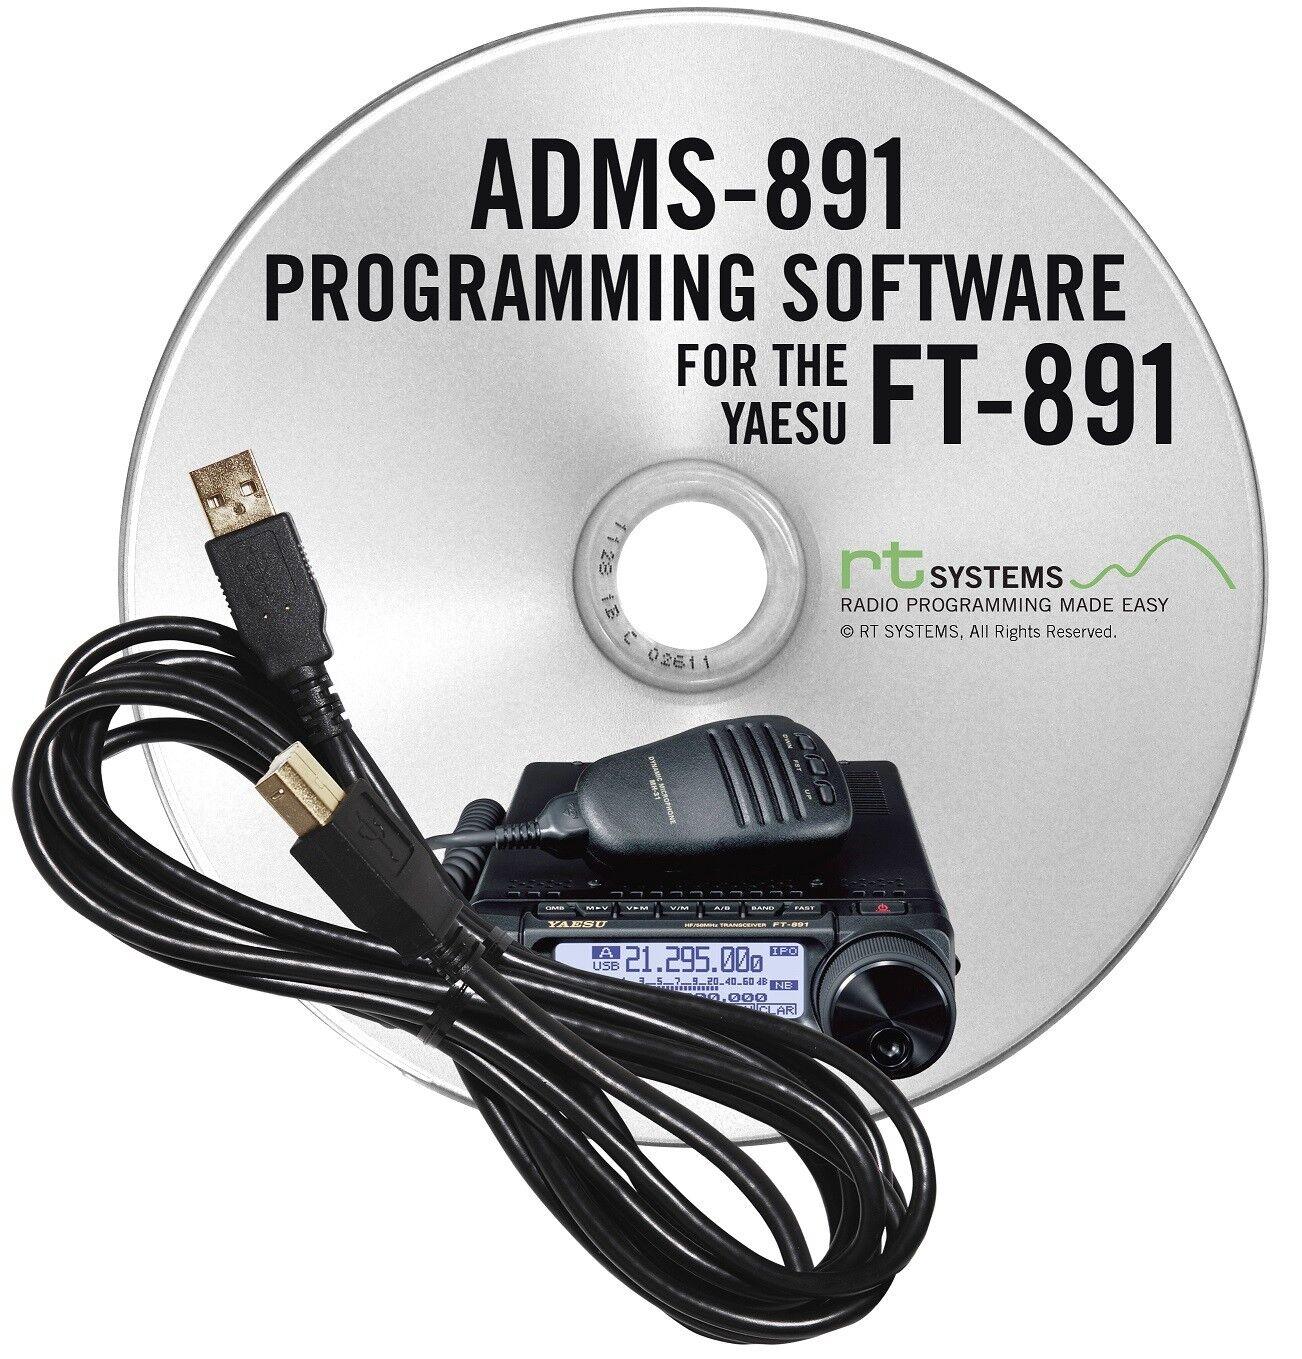 Yaesu FT-891 Accessory Bundle w/ RT Systems Programming Kit ...